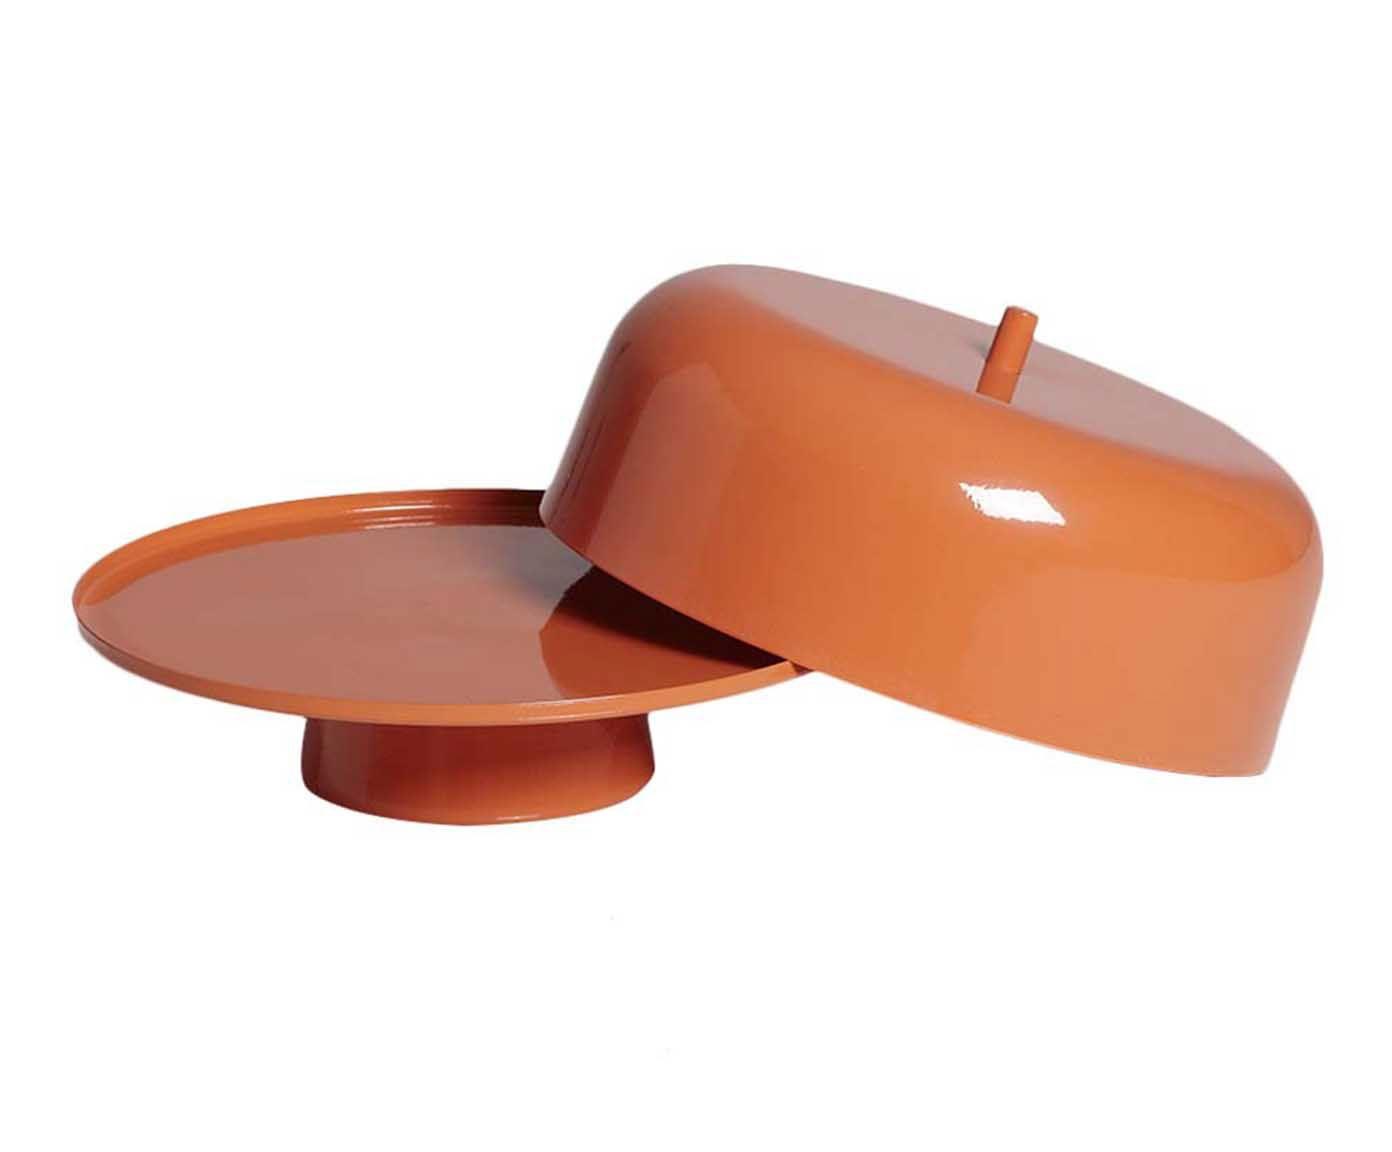 Queijeira modern hendrix - mist | Westwing.com.br